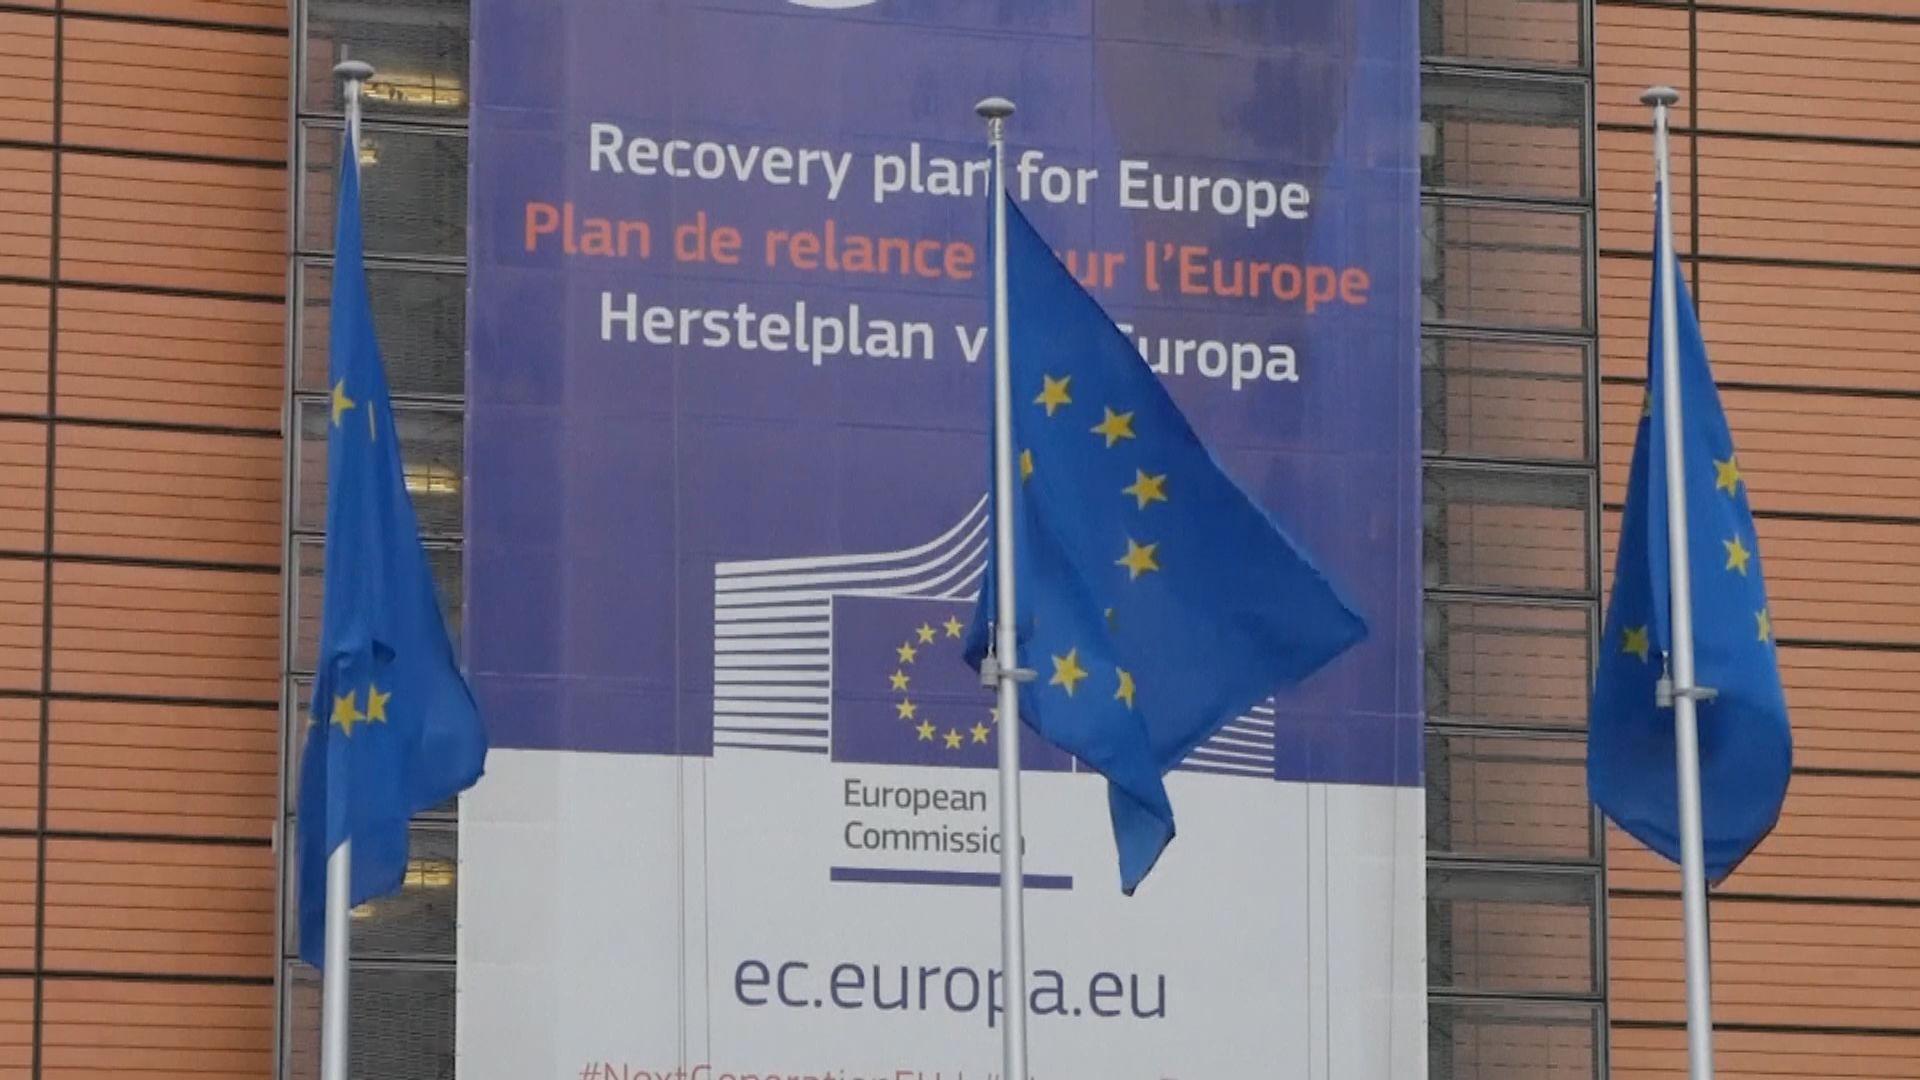 歐洲議會今表決議案凍結中歐投資協定 料會獲通過